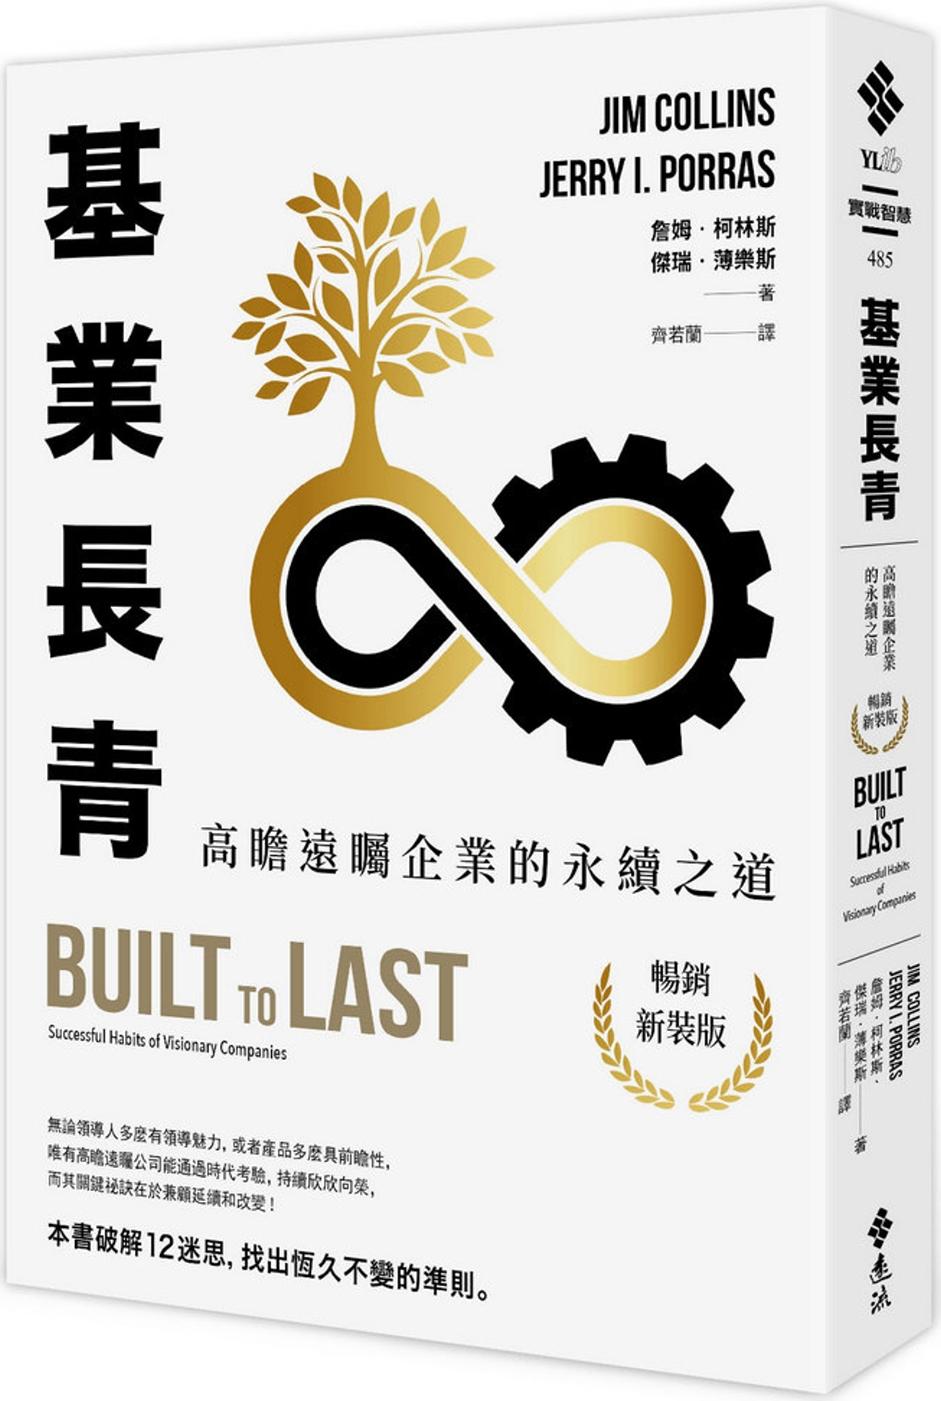 基業長青:高瞻遠矚企業的永續之道(暢銷新裝版)